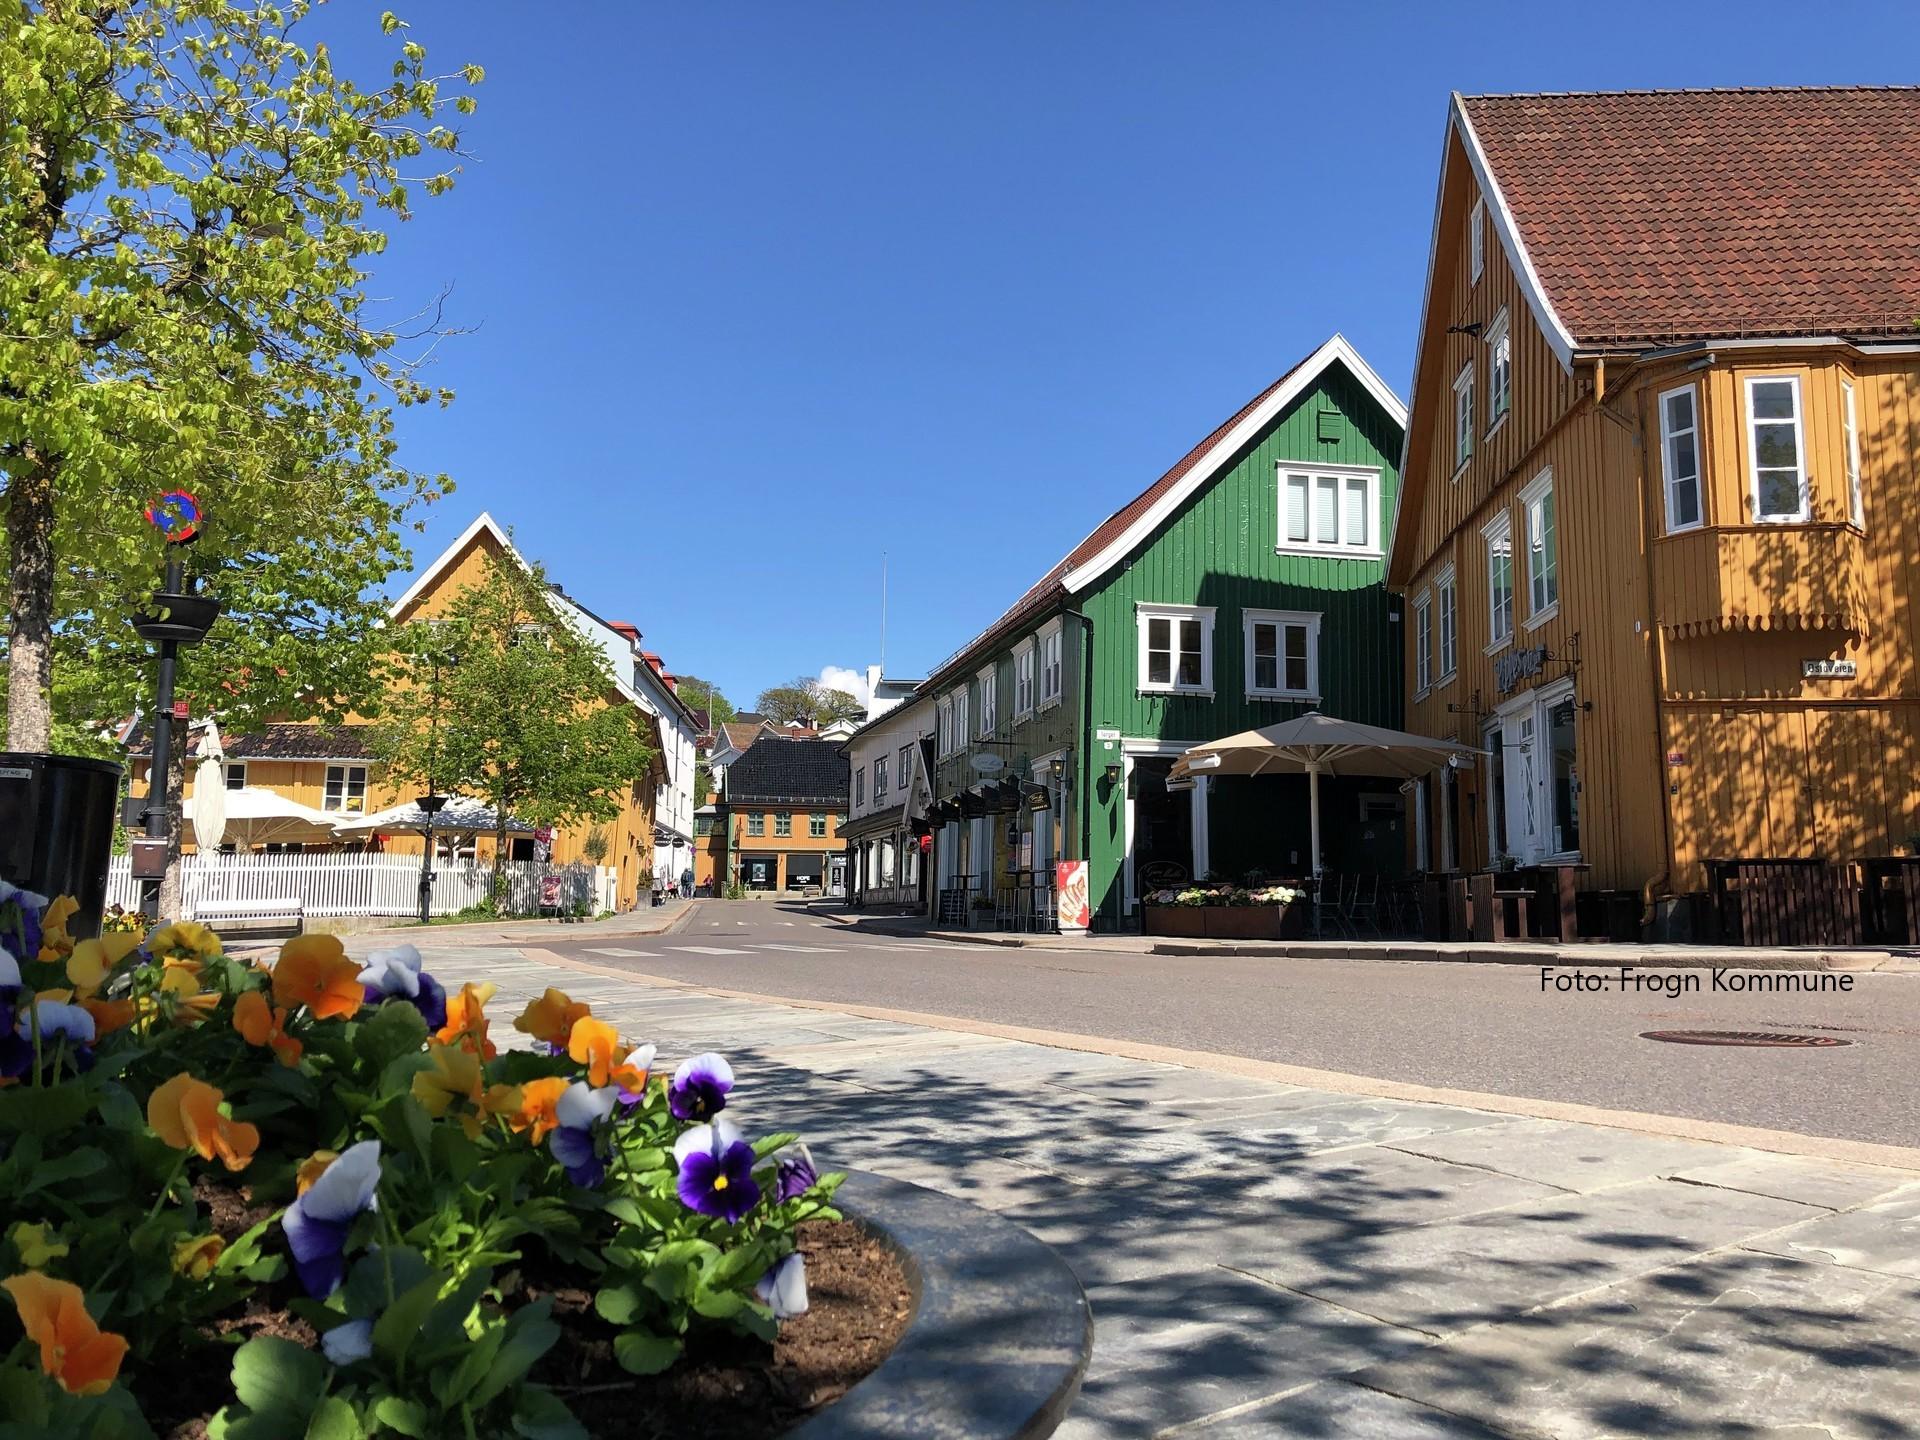 Foto: Frogn kommune